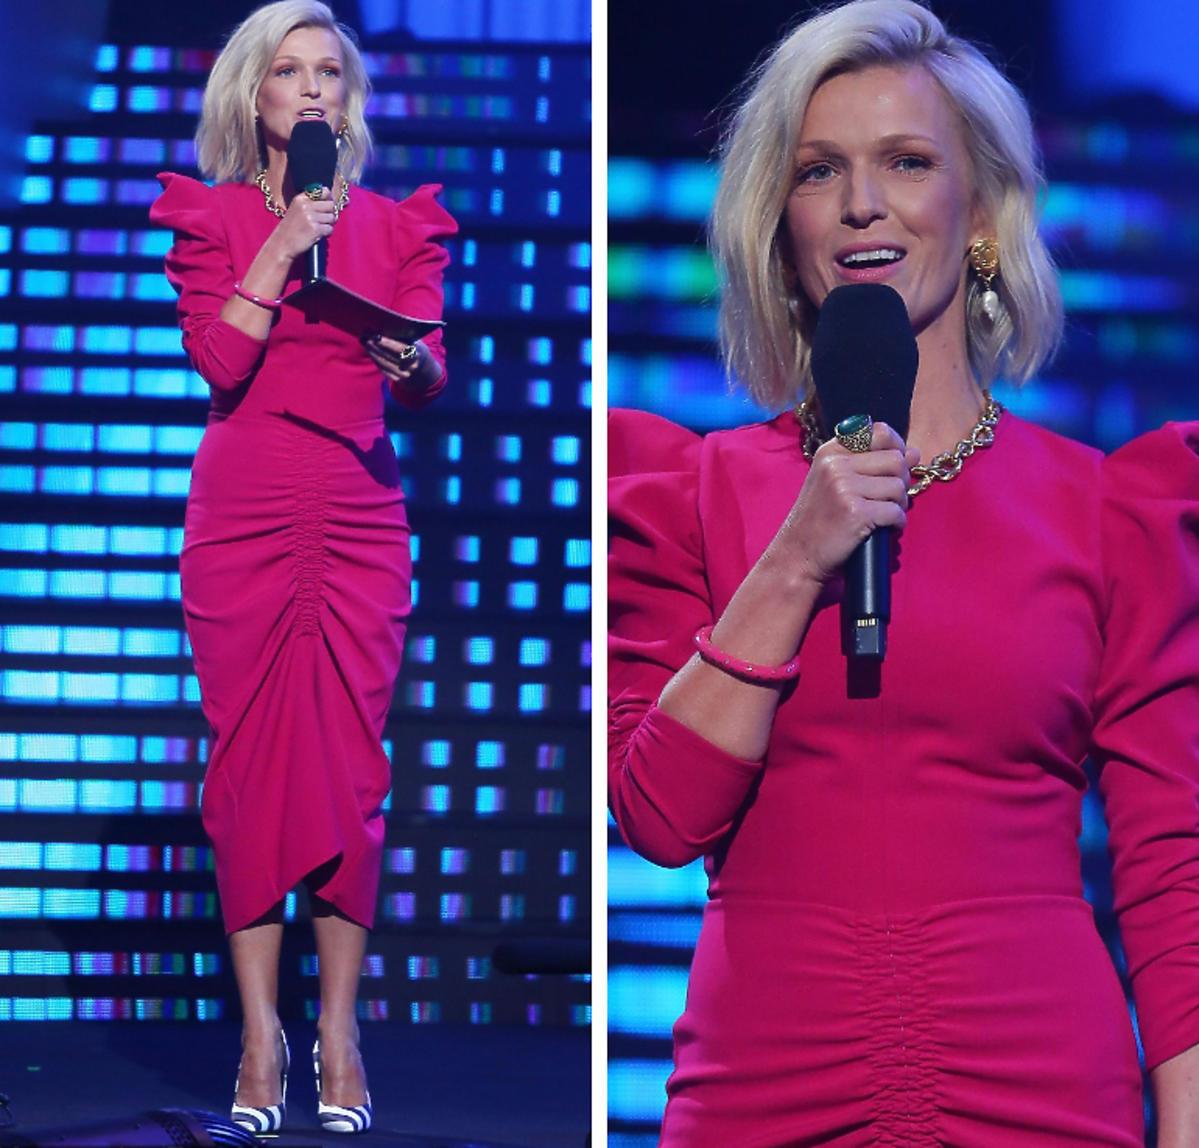 Magda Mołek na festiwalu Top of the top 2019 w różowej sukience